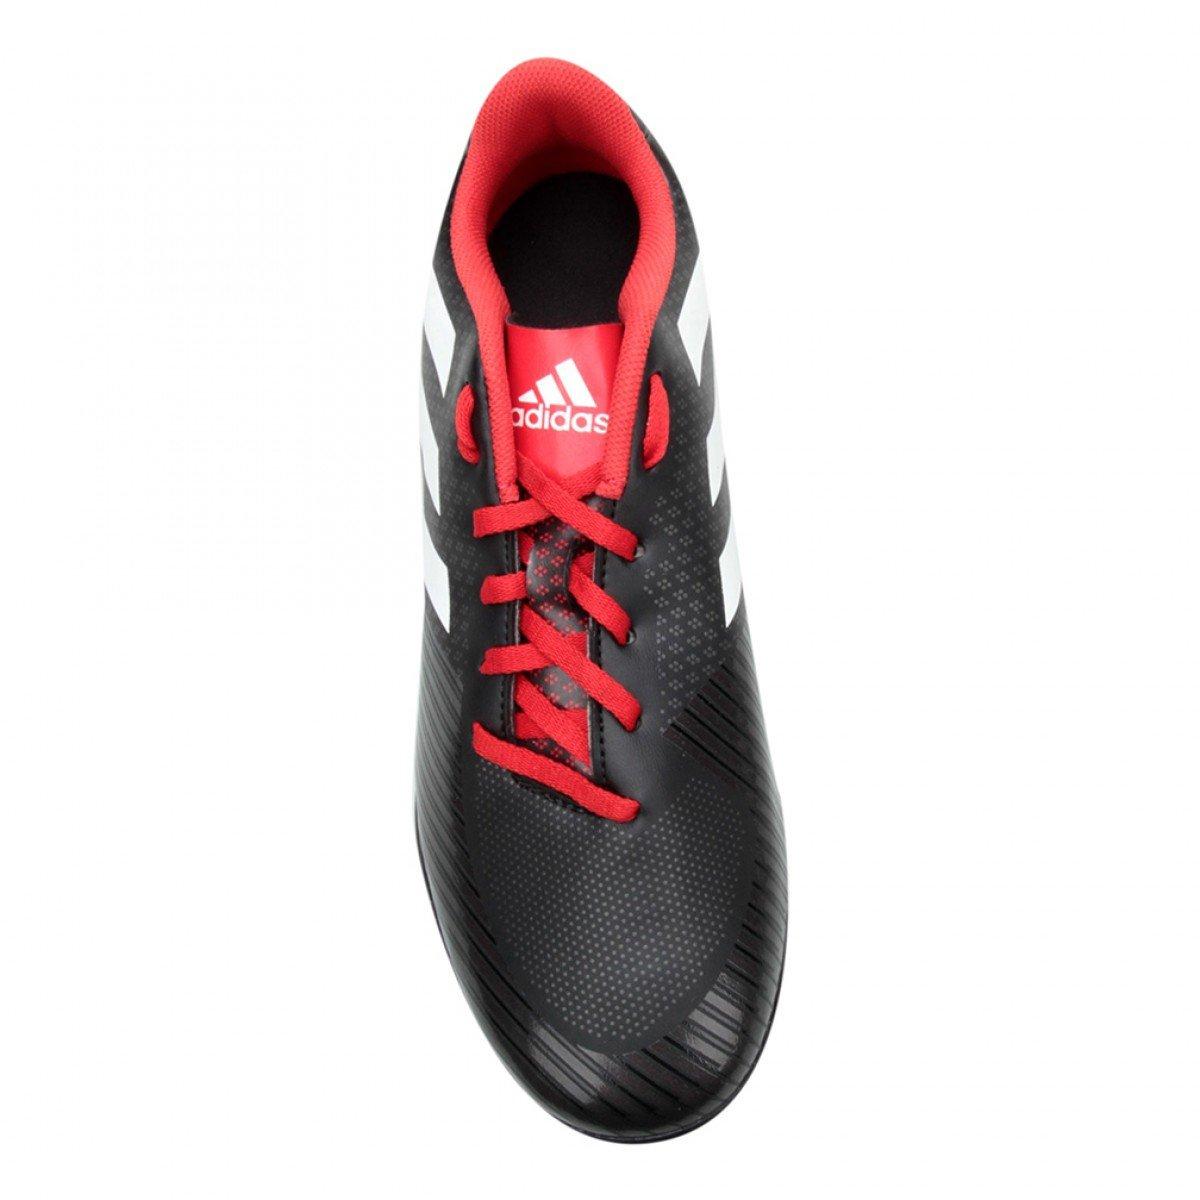 ... Chuteira Society Adidas Artilheira III TF Masculina - Preta e Vermelha  ... 5ef9799feda2c